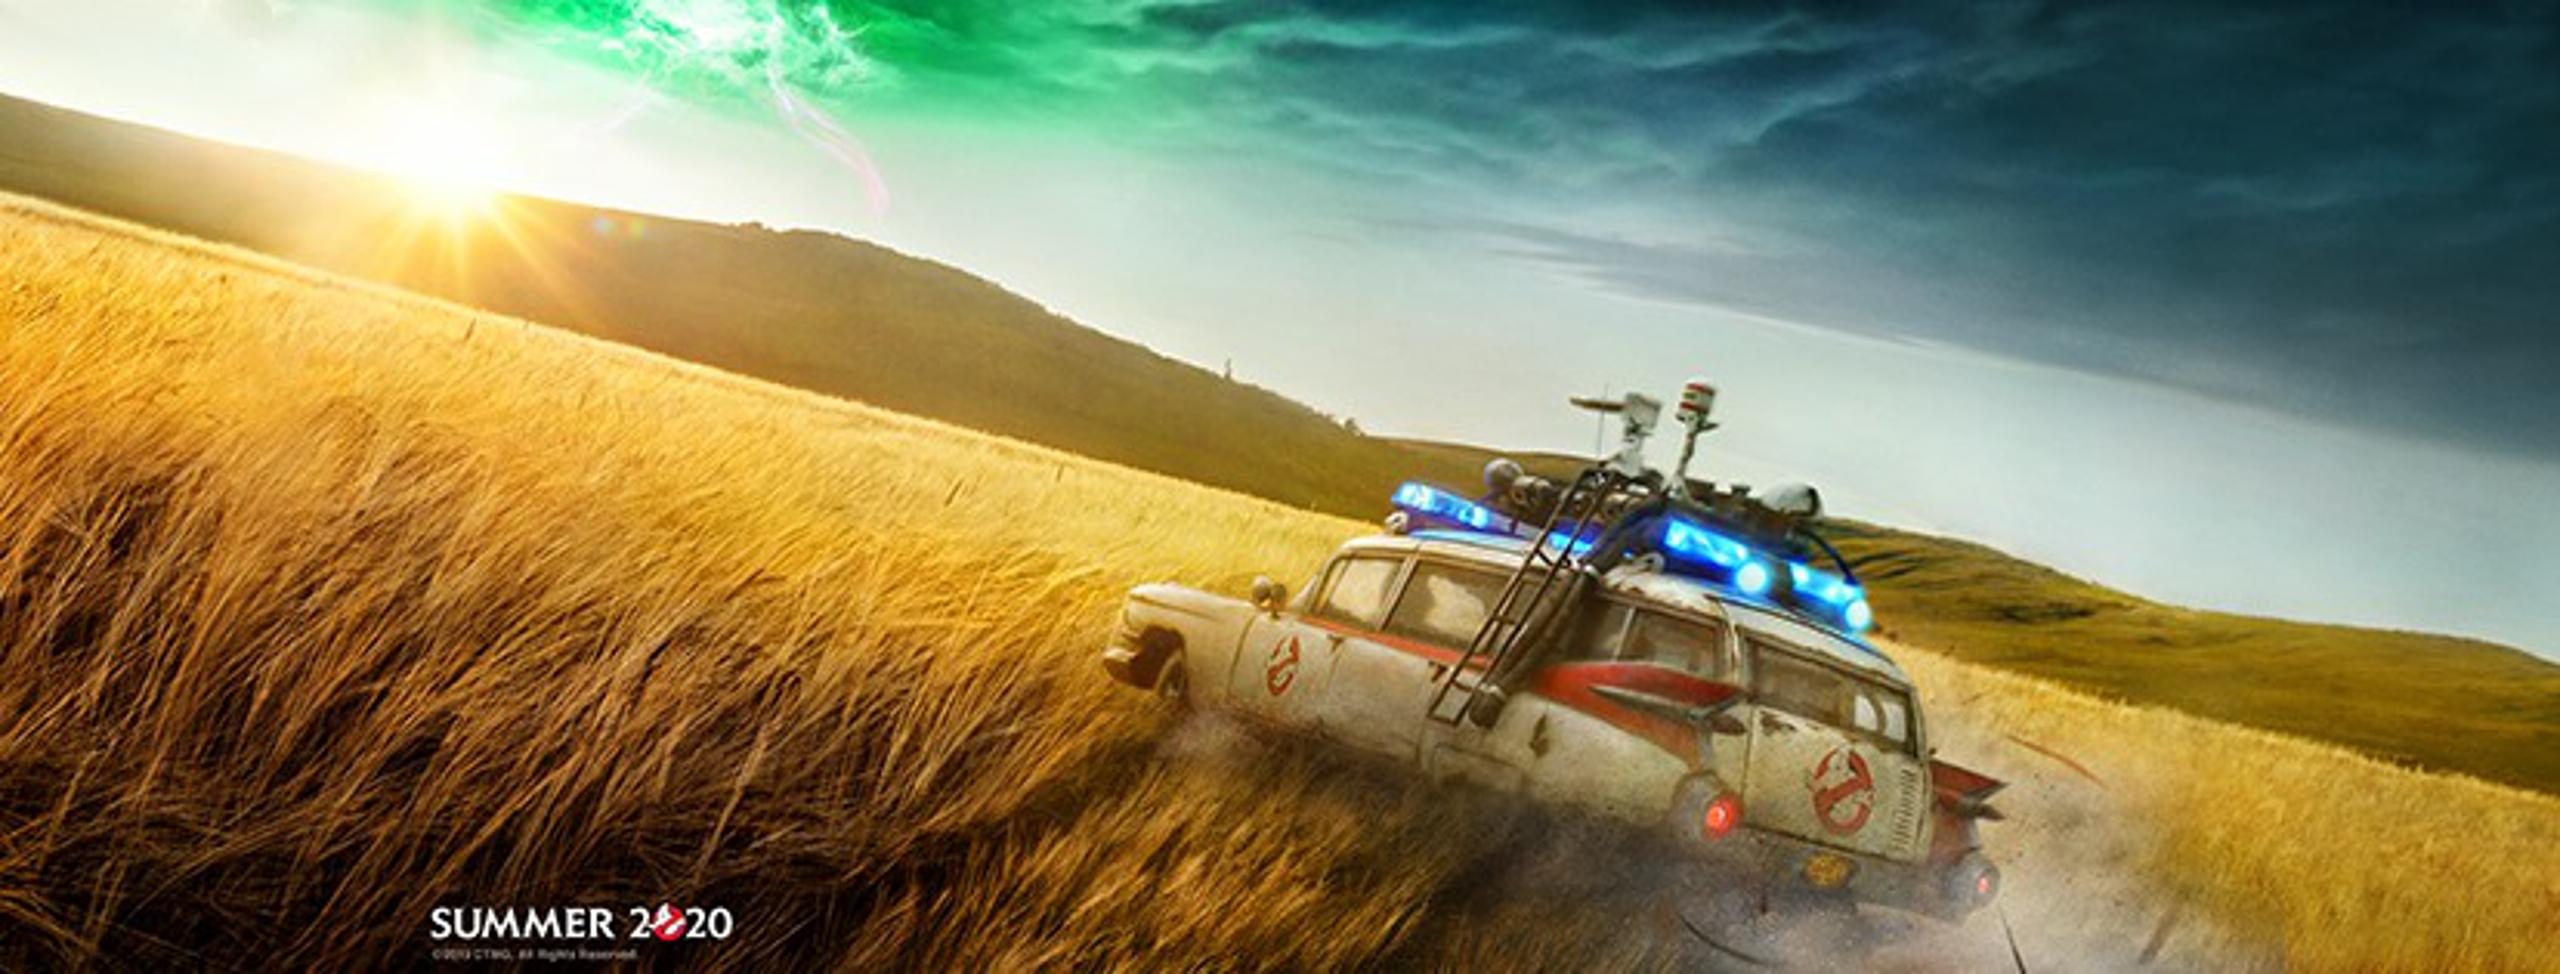 Il presidente di Sony Pictures dice che non ci sono attualmente piani per ritardare l'uscita di Ghostbusters: Afterlife in Nord America